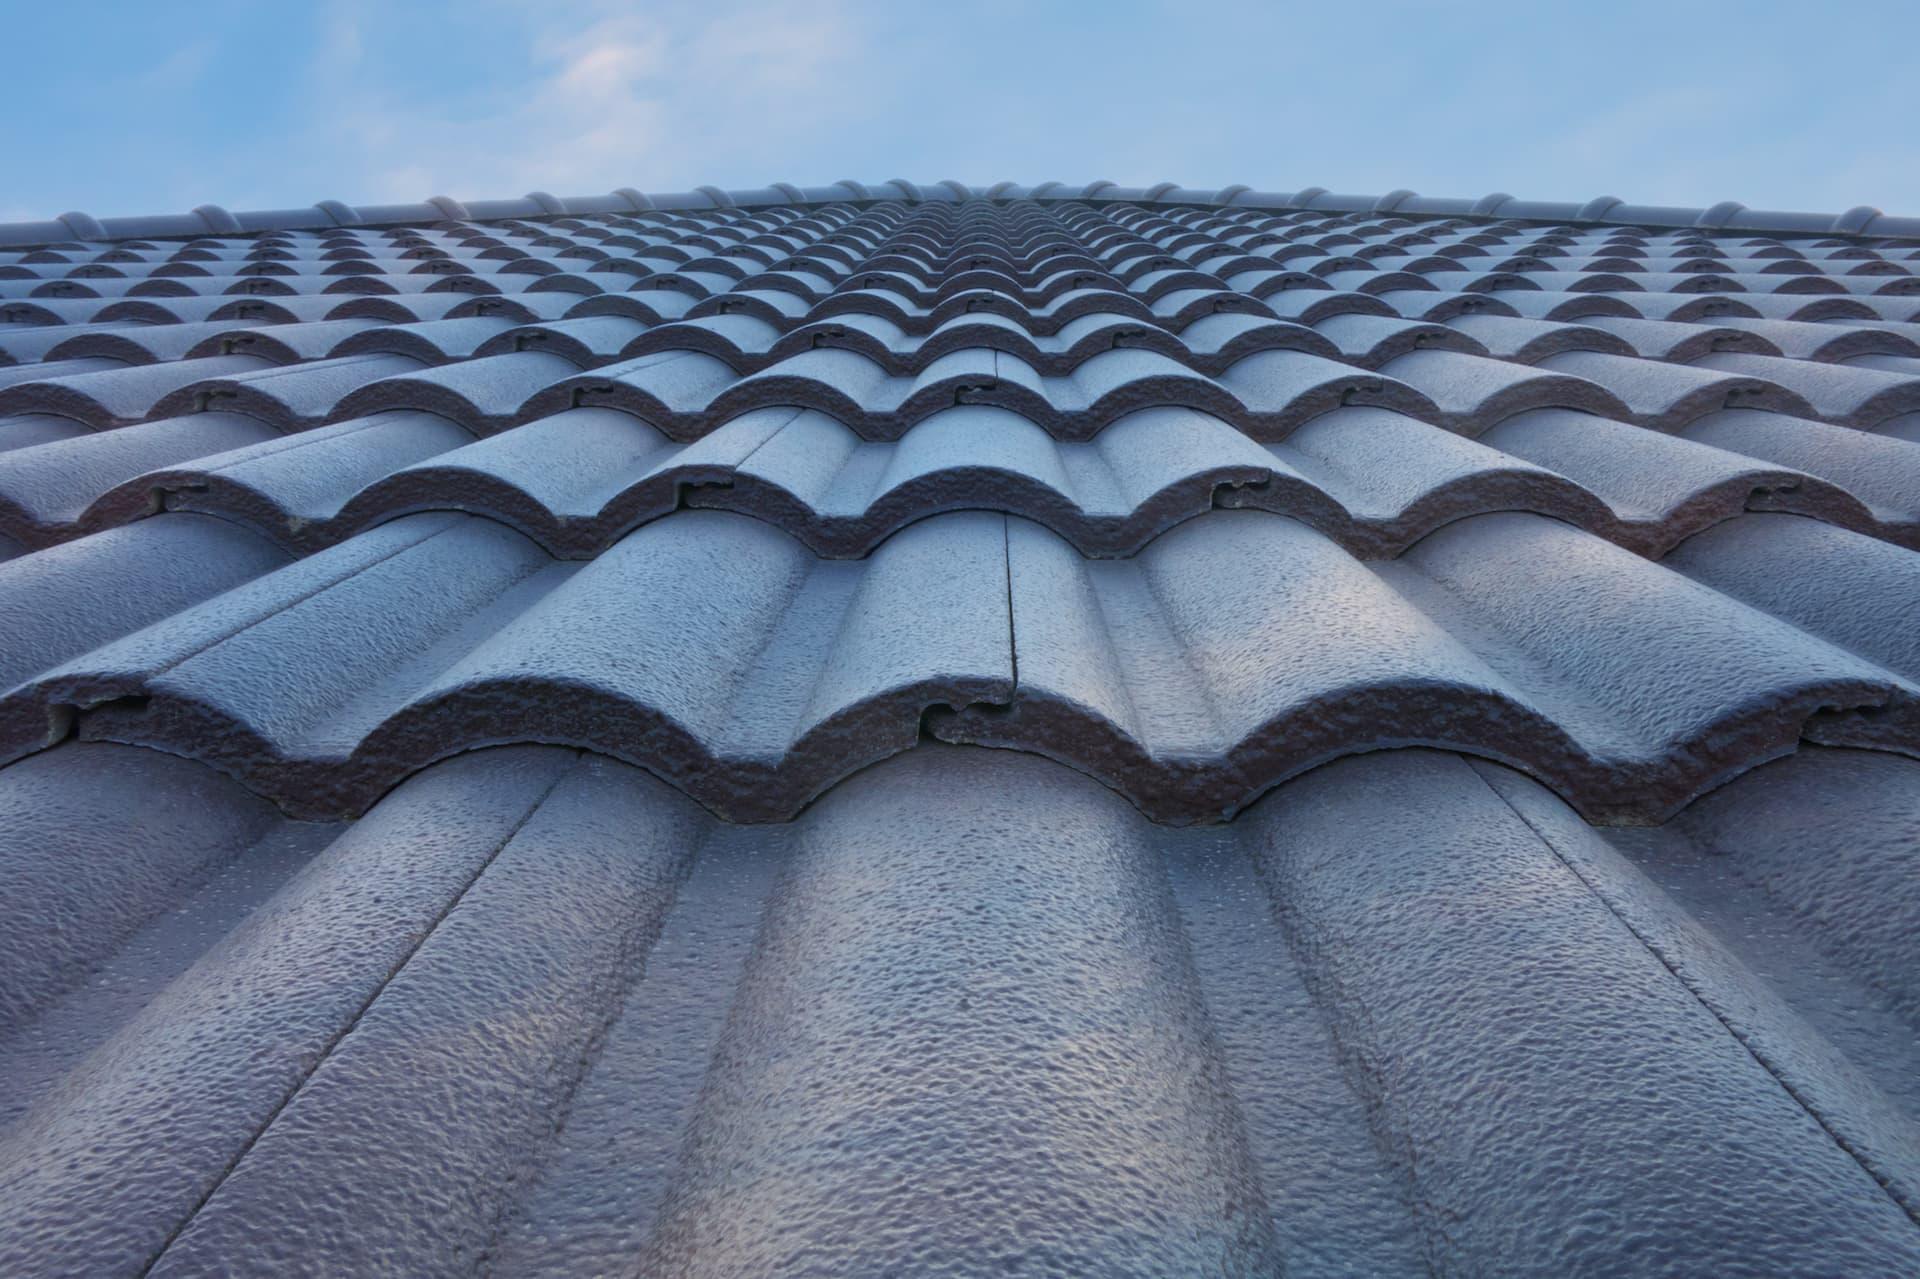 Ristrutturare Un Tetto Quanto Costa ristrutturazione tetto a padova, treviso e venezia